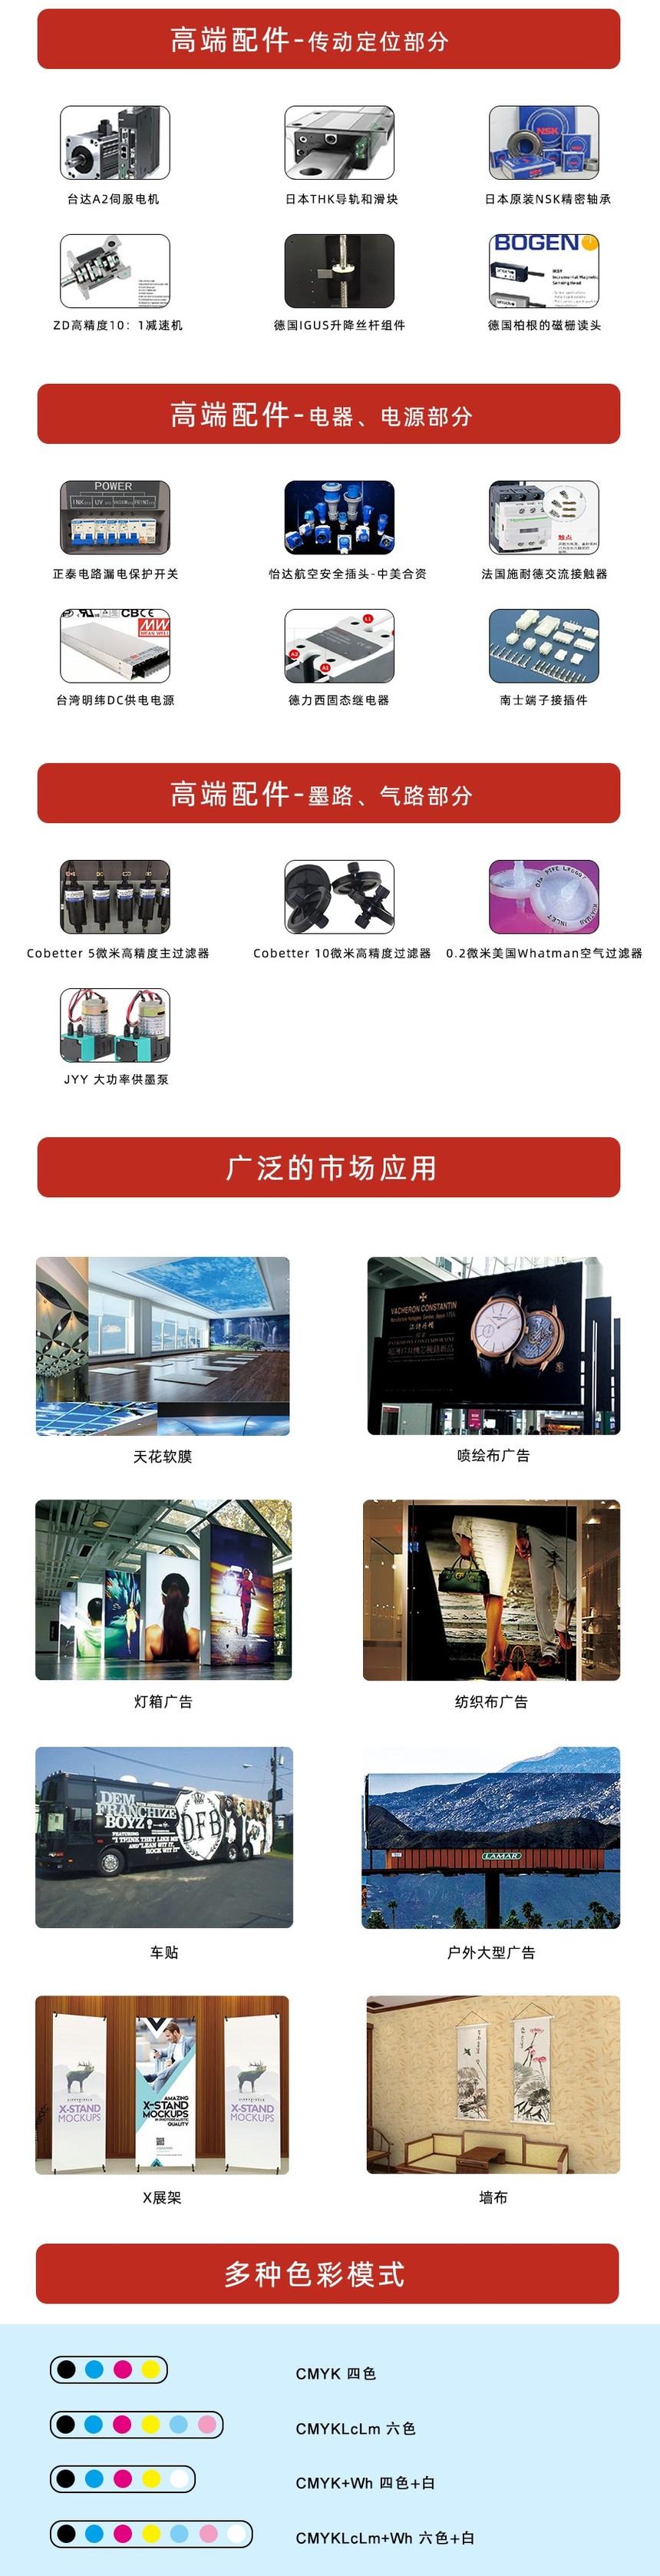 TJ-3300KREX中文产品说明(2).jpg